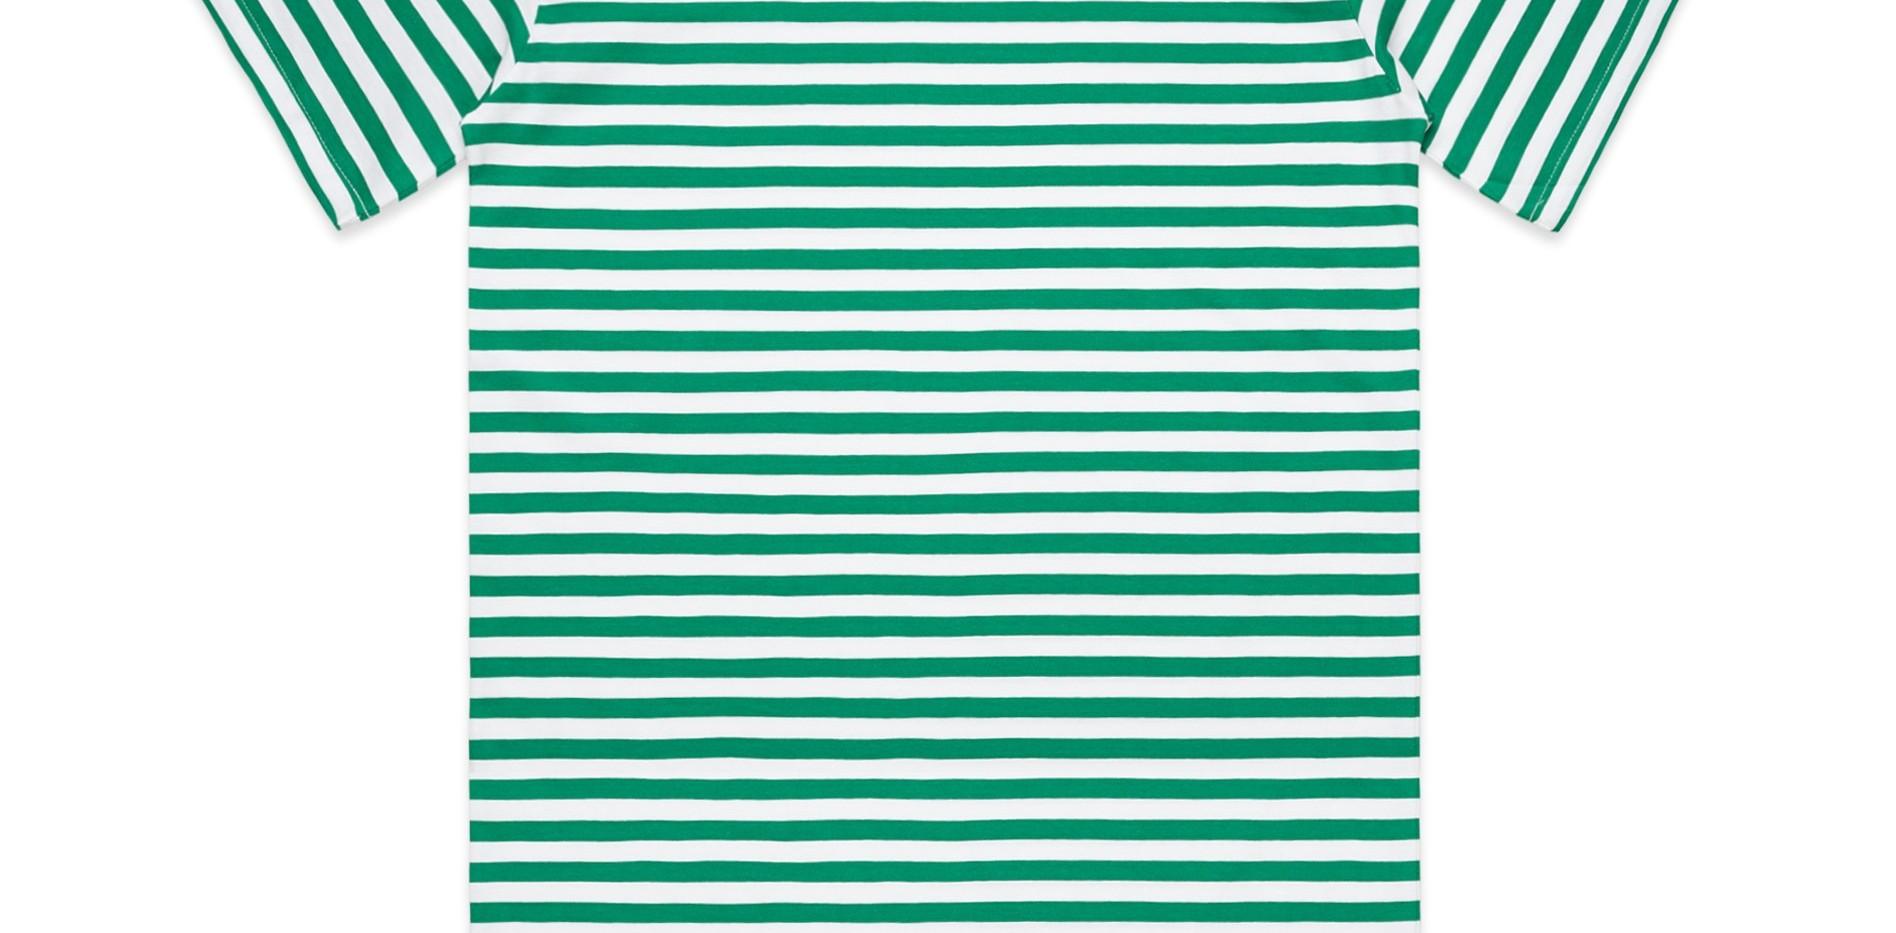 5028_staple_stripe_white_green.jpg